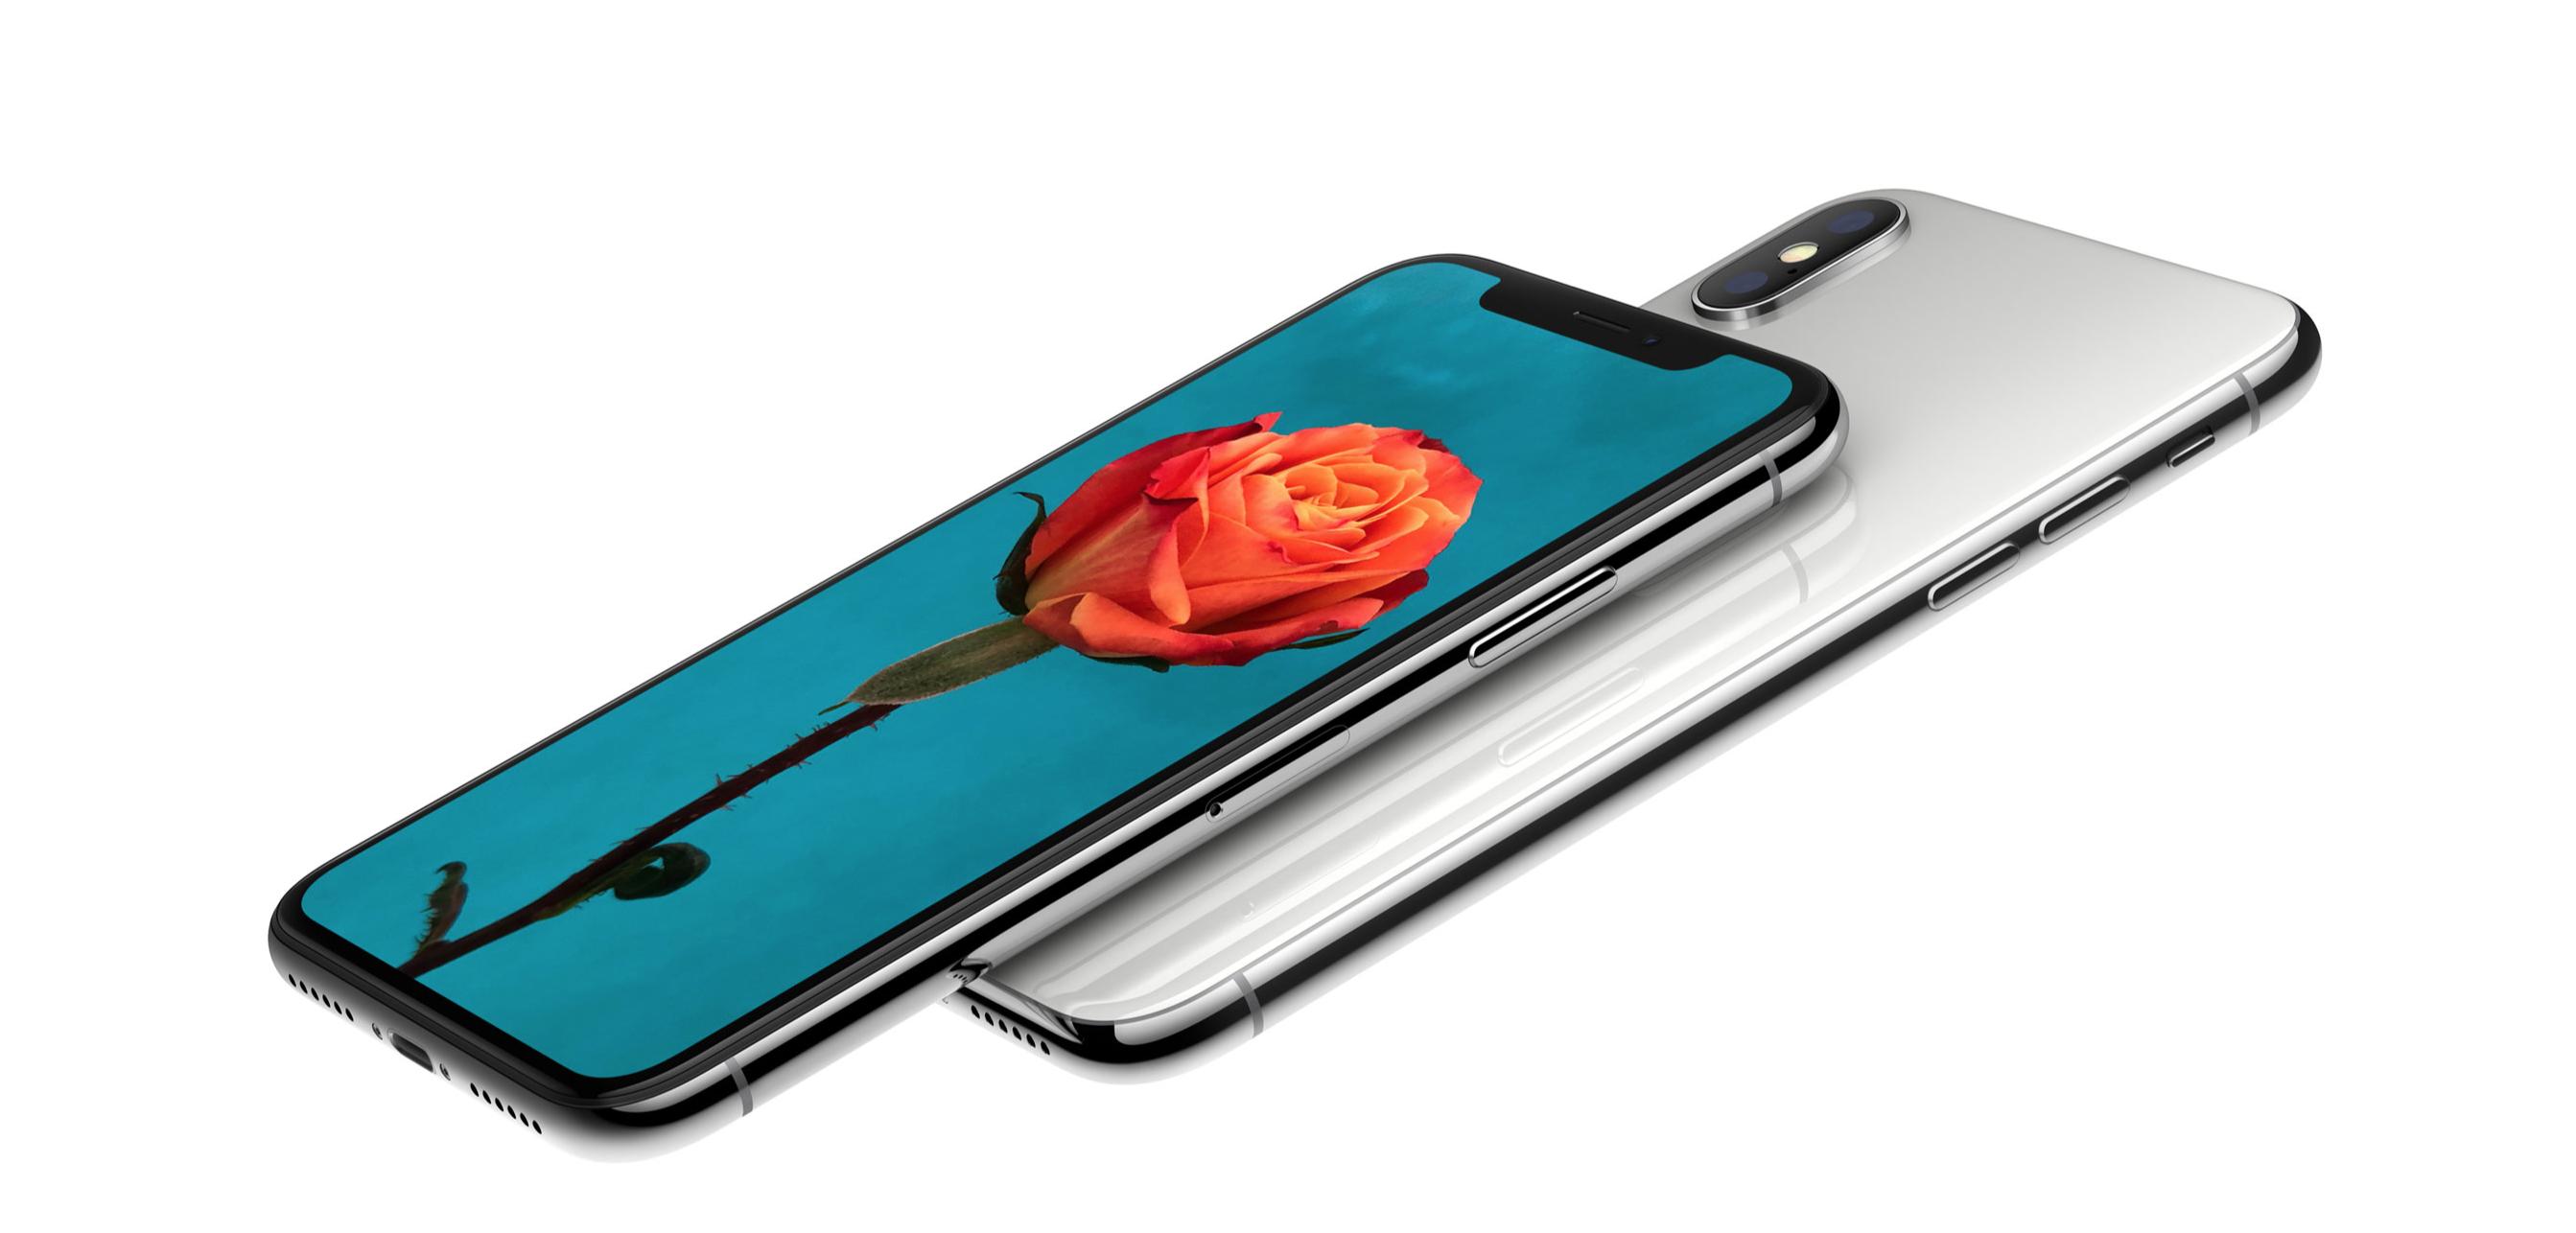 Die Produktionsleistung Fur Diese IPhone Modelle Benotigten Bauteile Musste Dafur Naturlich Deutlich Erhoht Werden Was Dann Auch Den Nebeneffekt